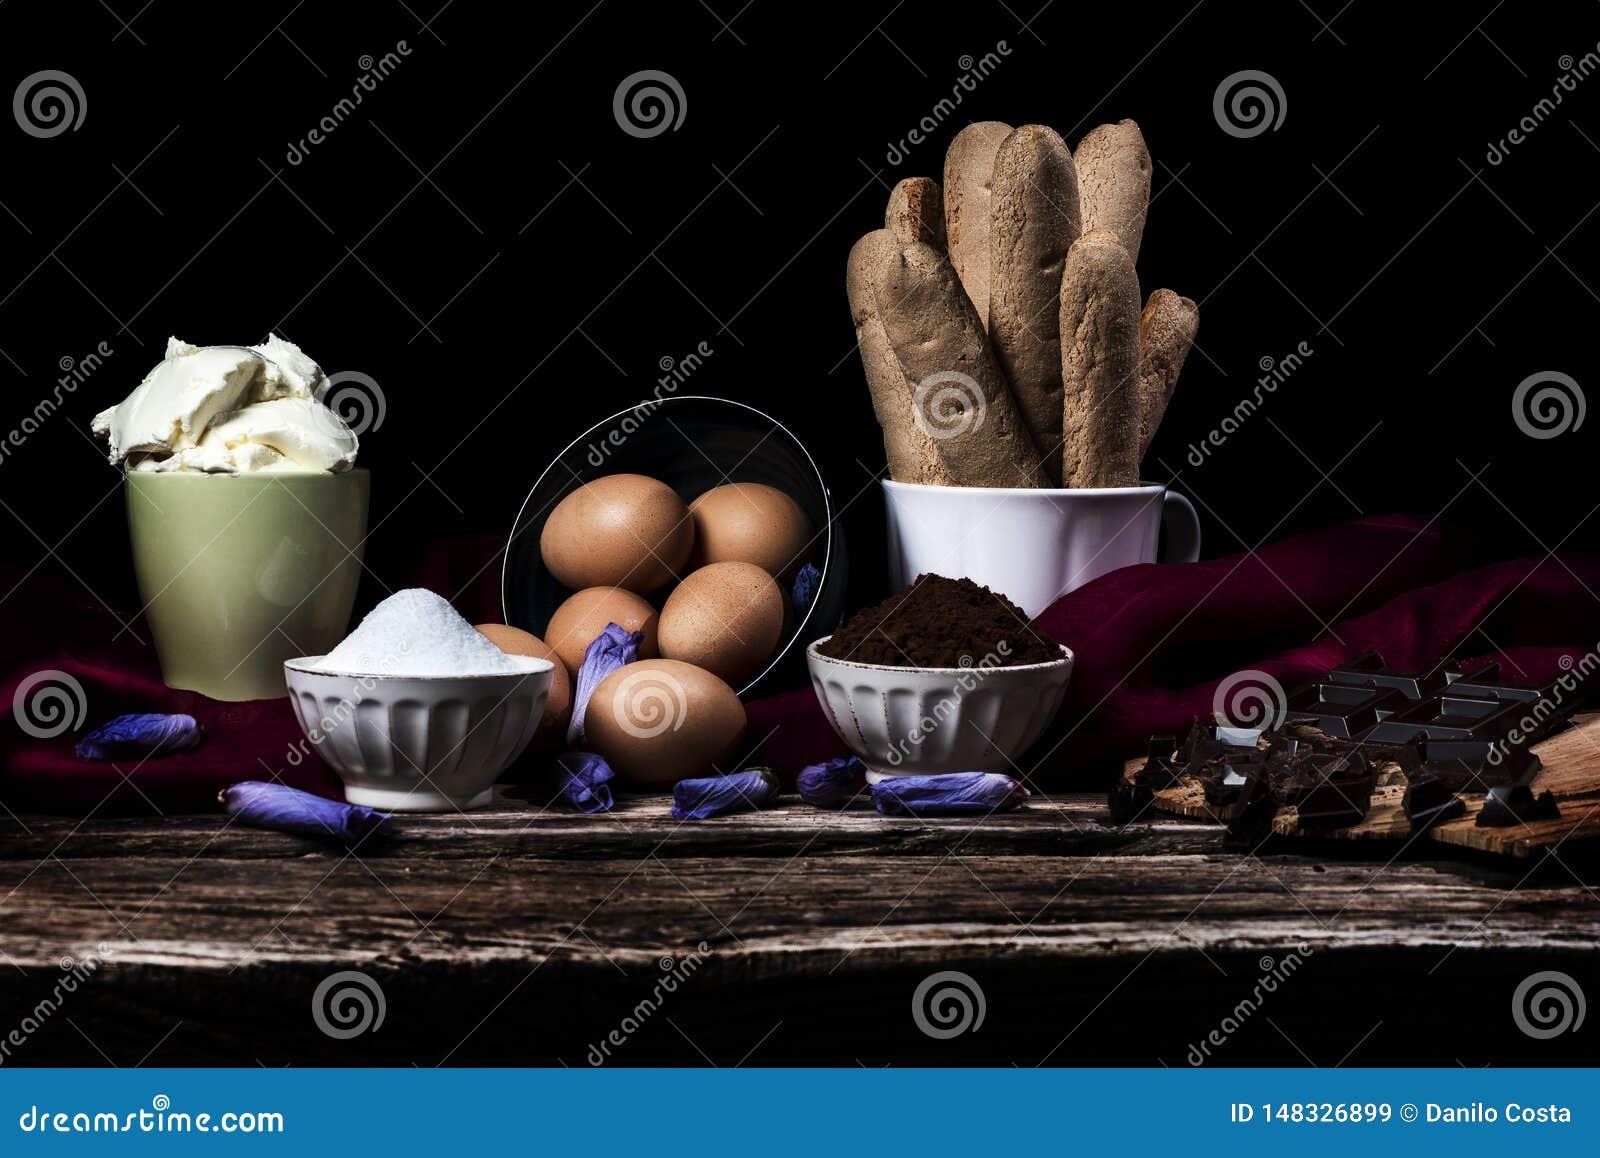 Bestandteile für italienischen Tiramisu, Schokolade, Kaffee und mascarpone auf einem schwarzen Hintergrund